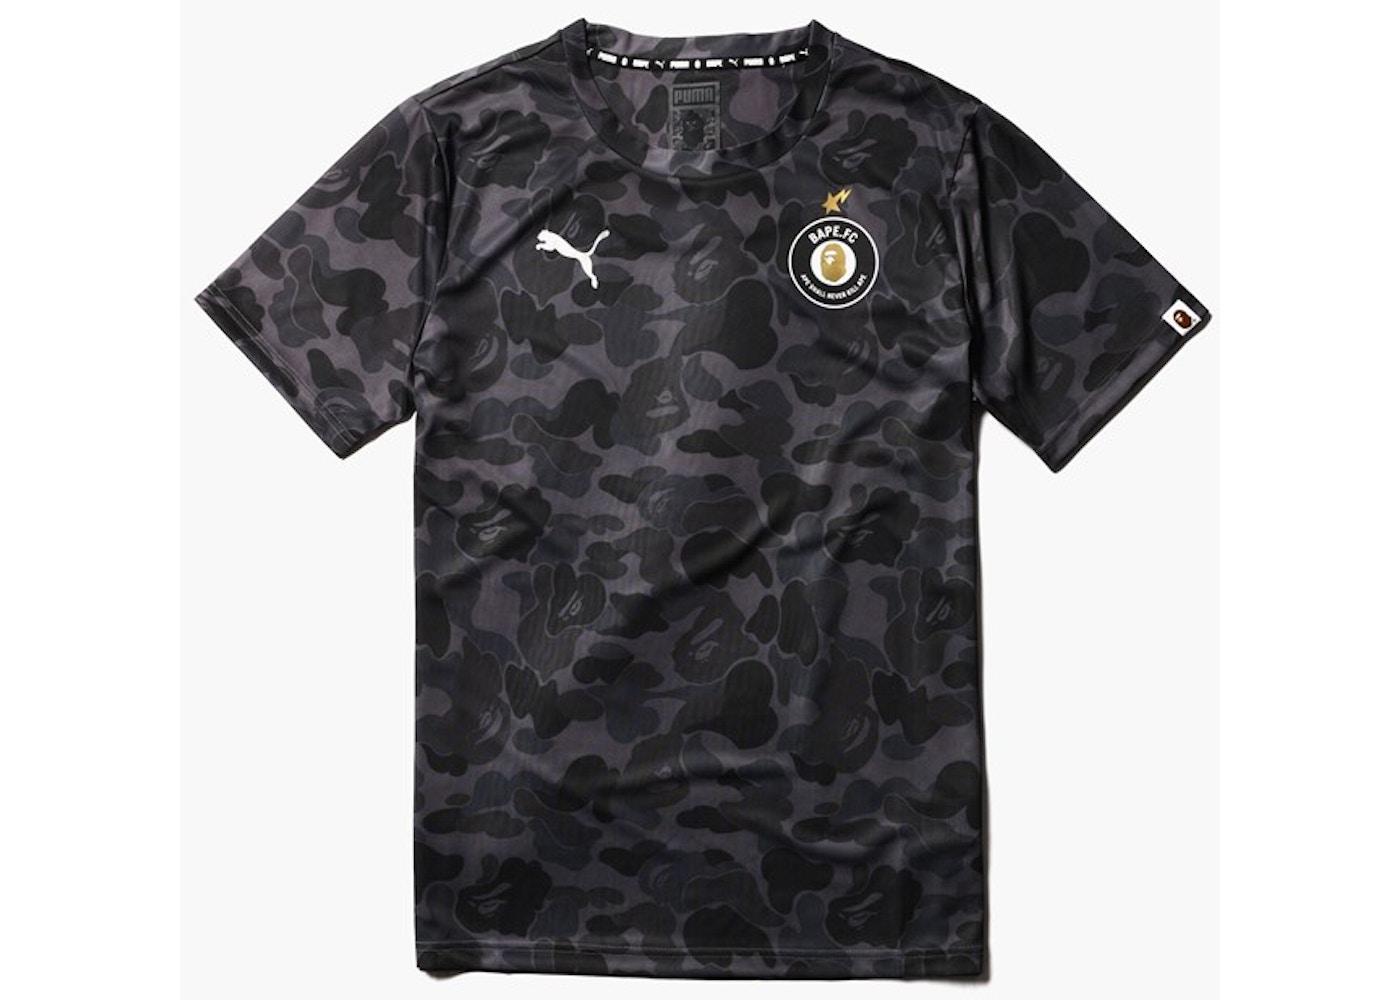 5cc944db Streetwear - Bape T-Shirts - New Lowest Asks